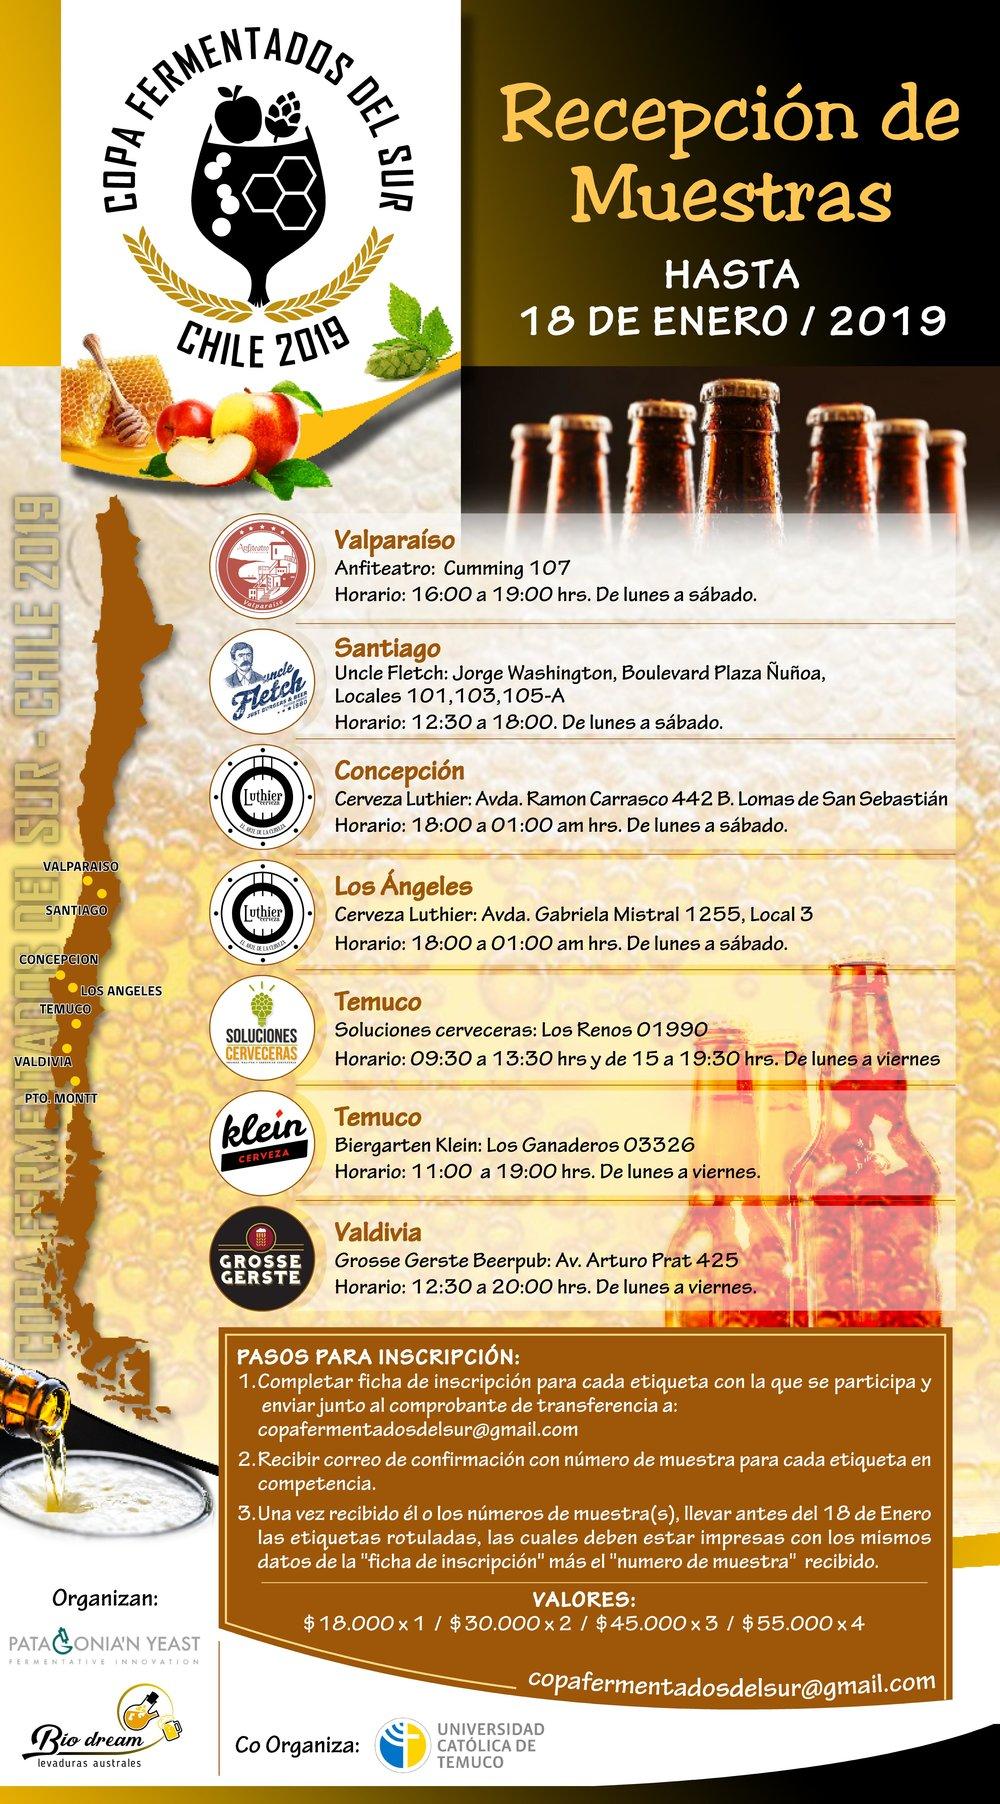 Afiche Recepcion Muestras-2.jpg